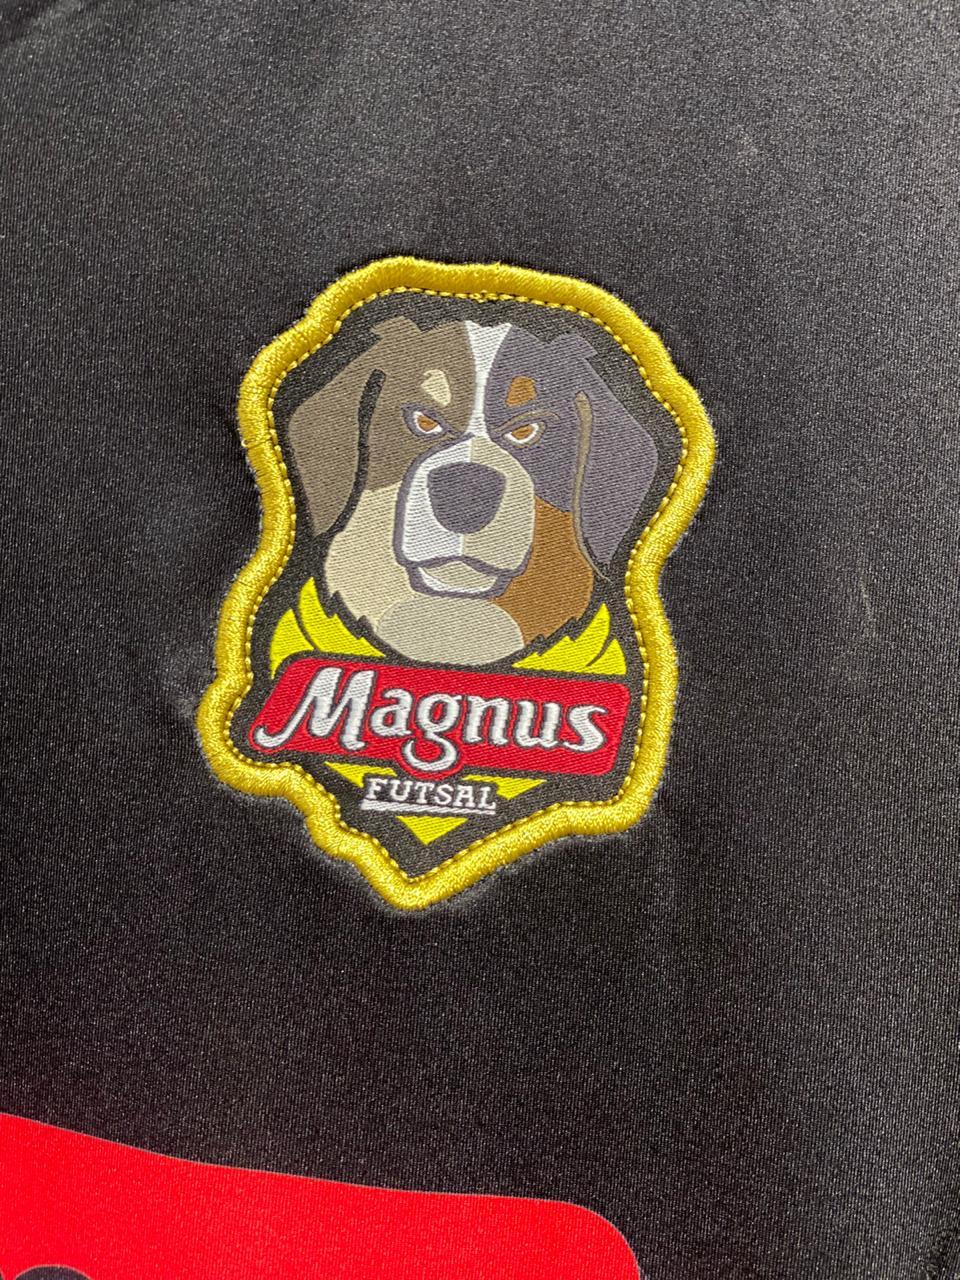 Camisa Magnus Oficial 2 2020 - Preta